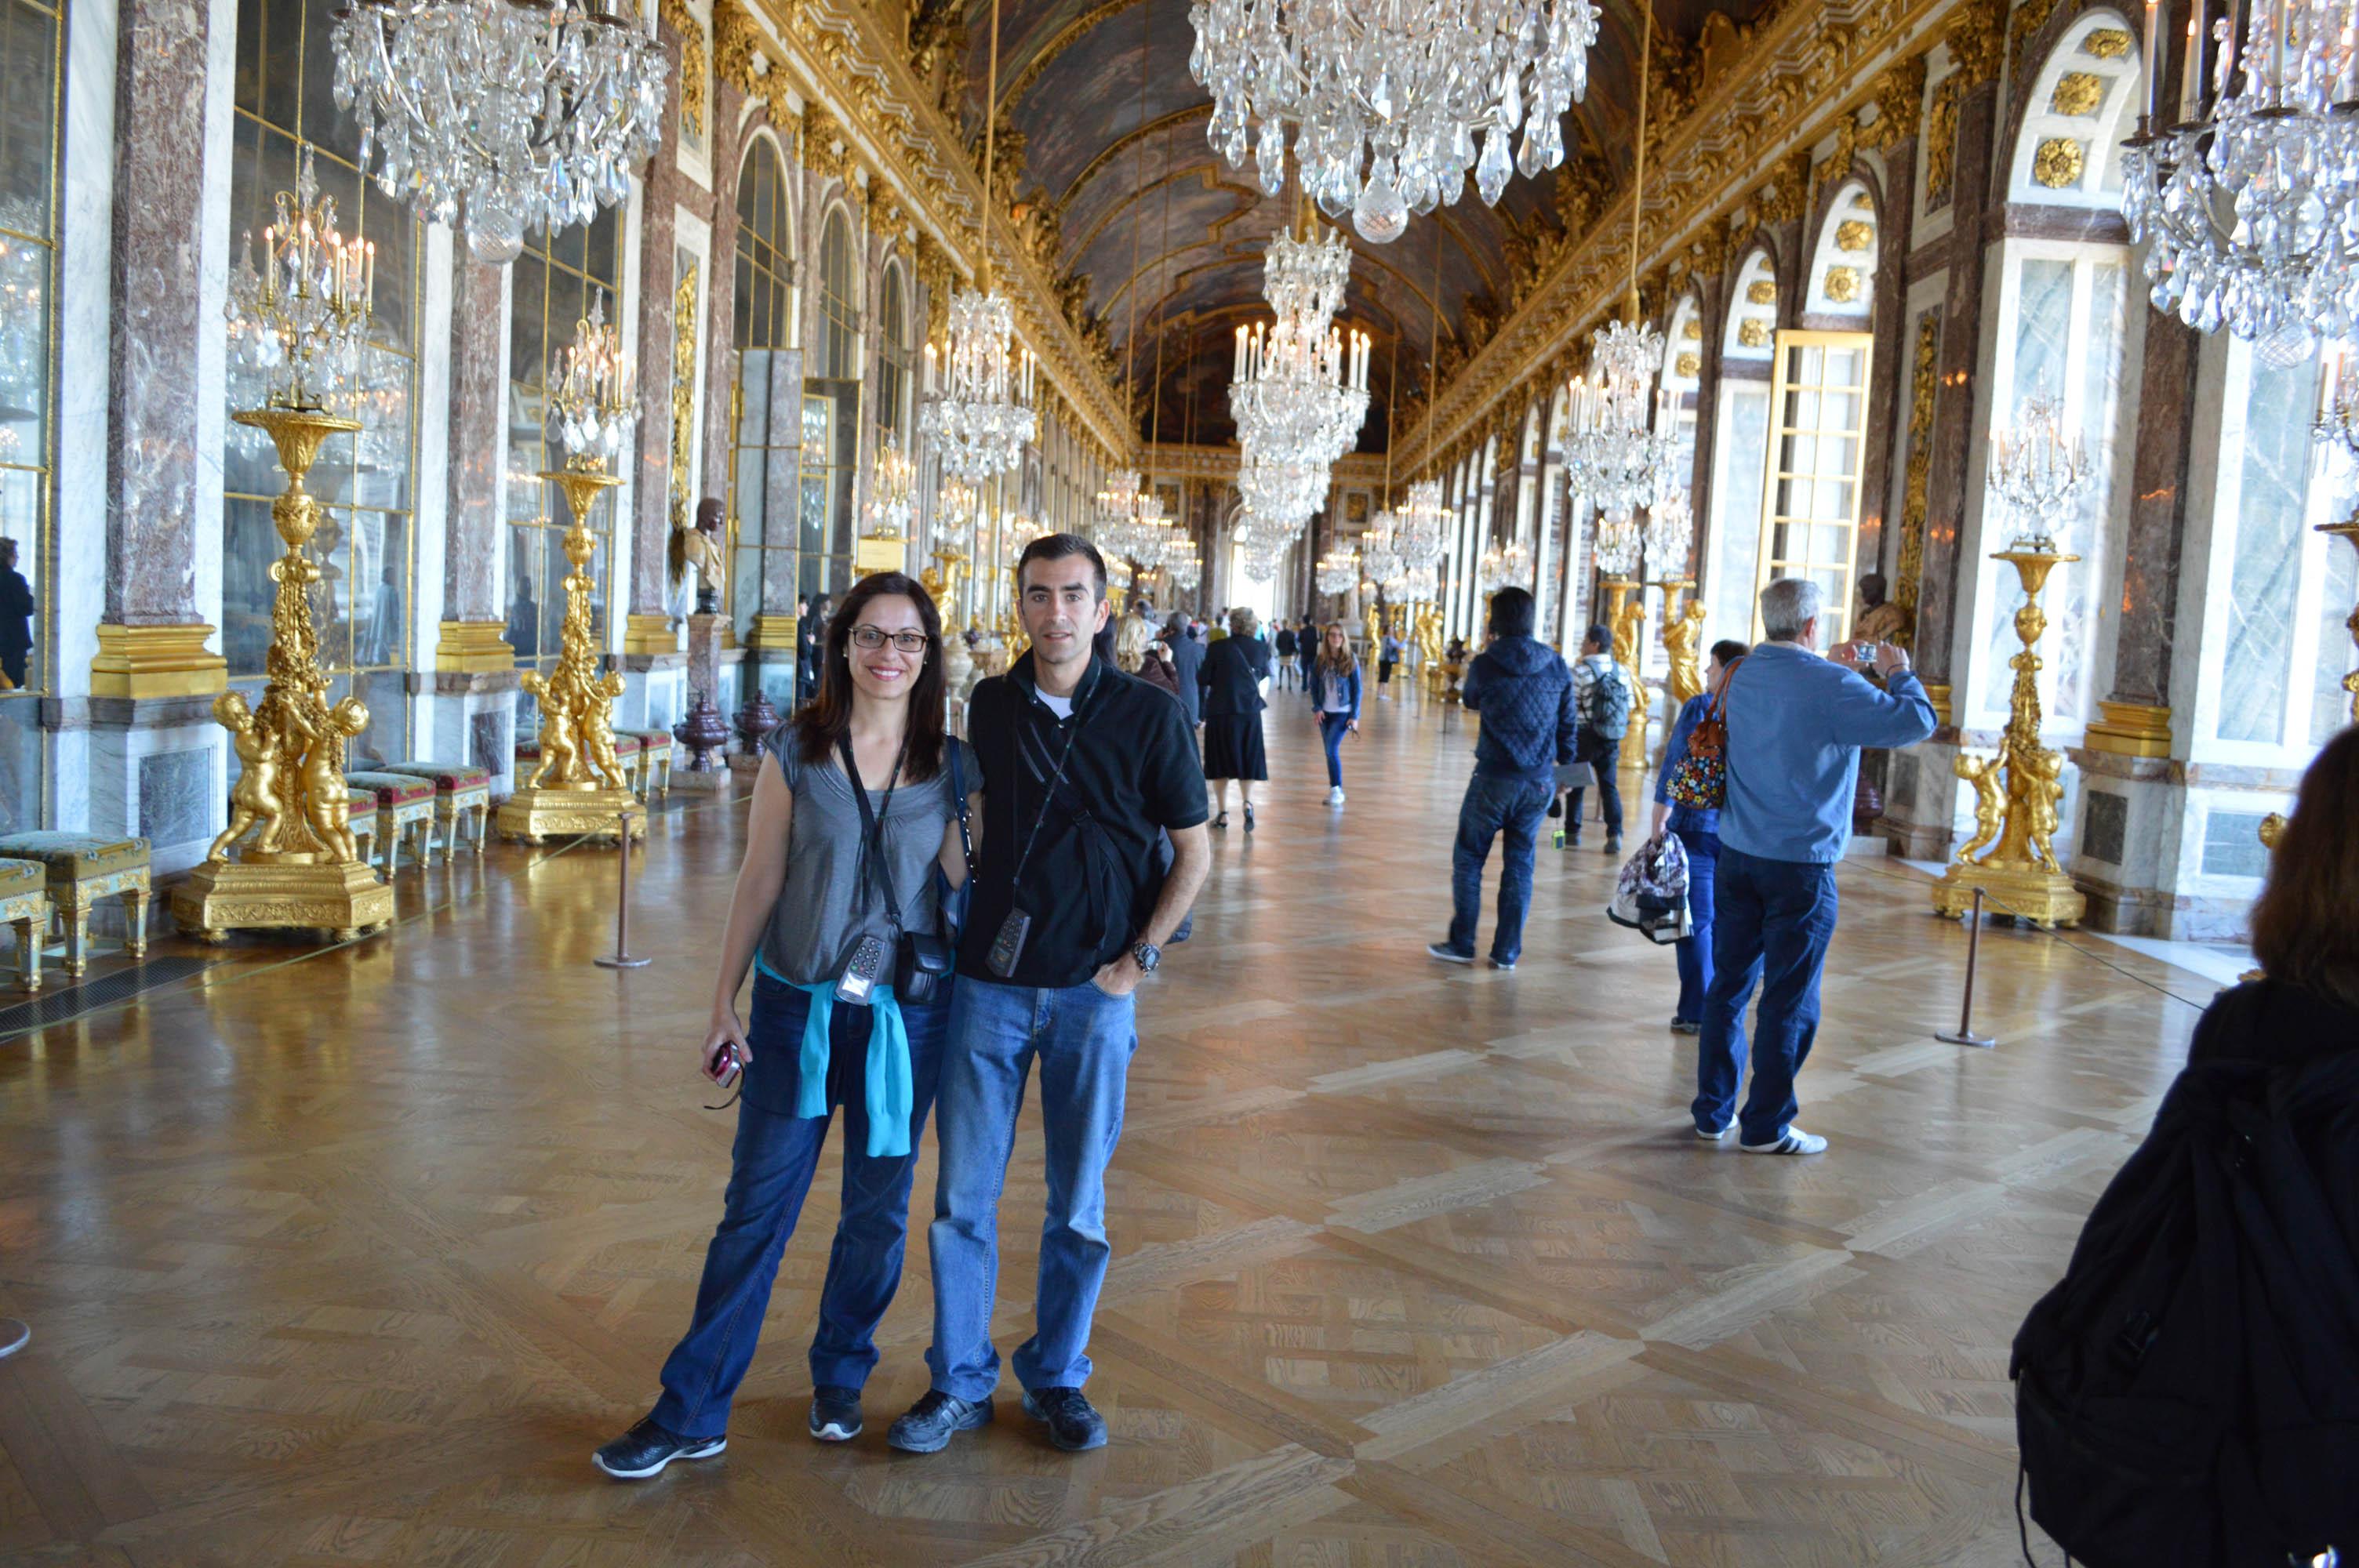 El palacio de versalles viajes de ark for Salon los espejos